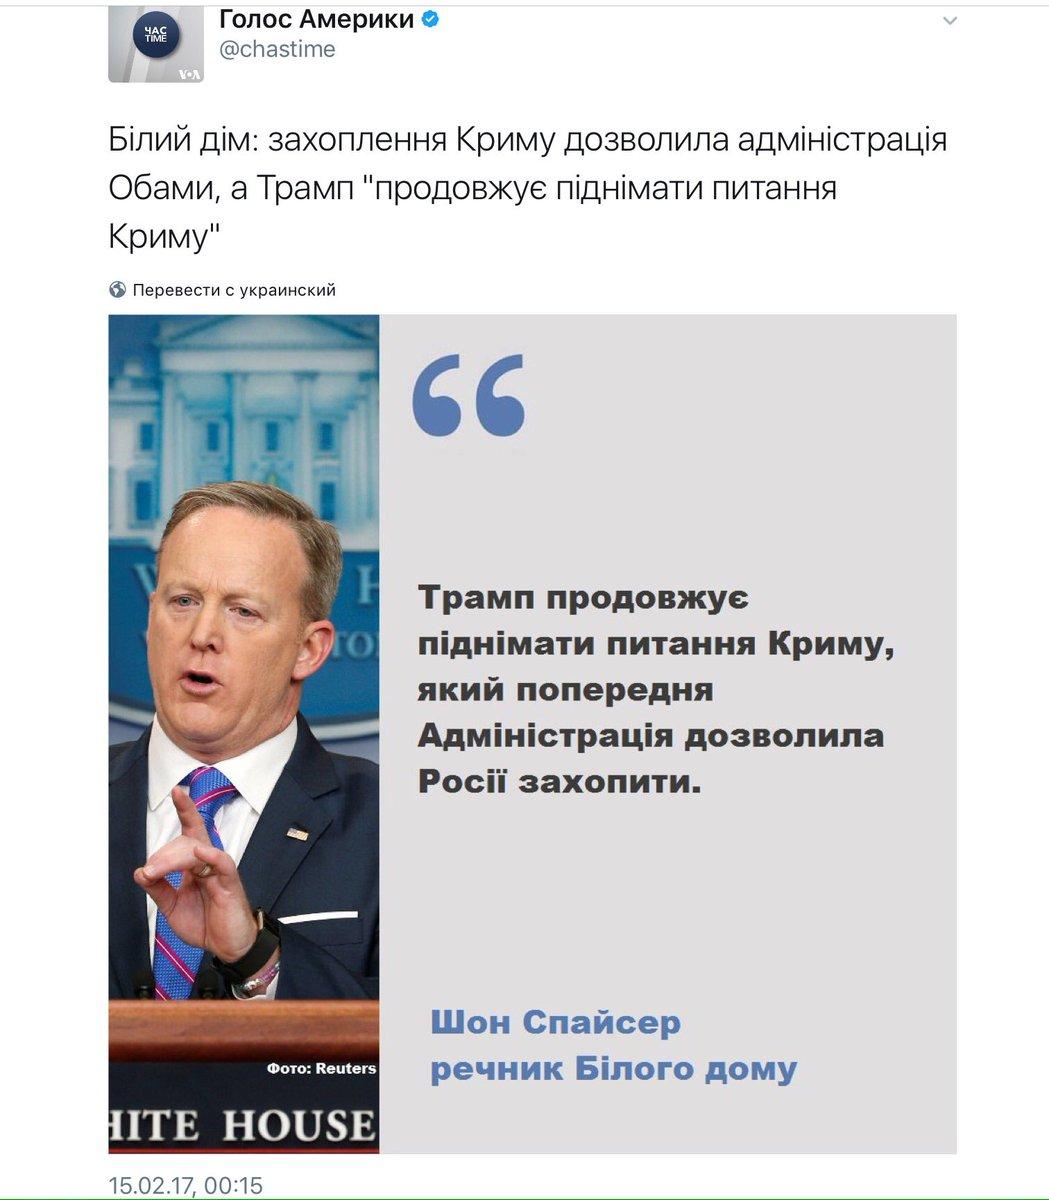 Трамп ожидает от России деэскалации насилия на Донбассе и возвращение Крыма Украине, - Белый Дом - Цензор.НЕТ 4731